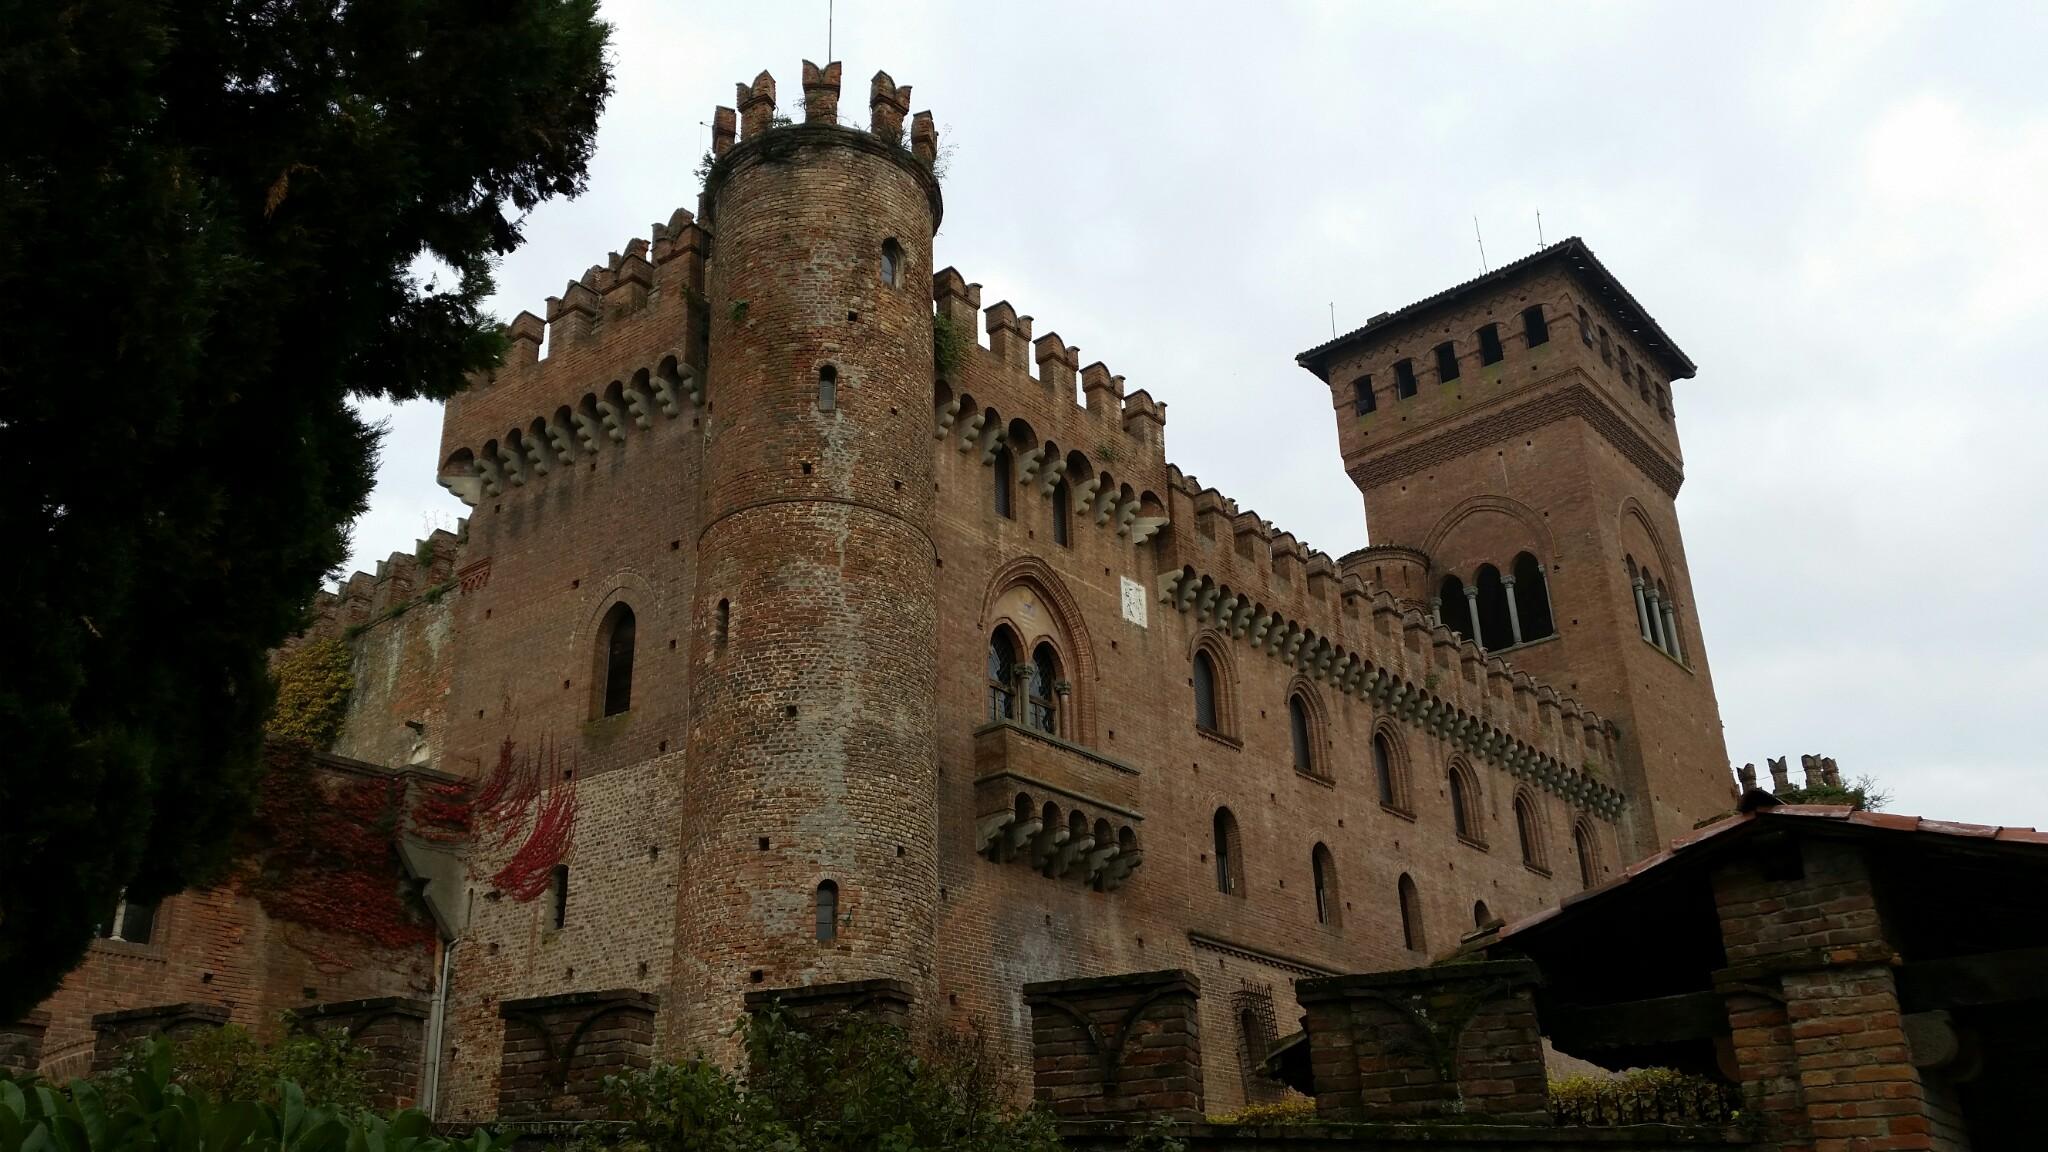 Il castello di Gabiano, sentinella del Monferrato casalese, esempio di revival neo-medioevale